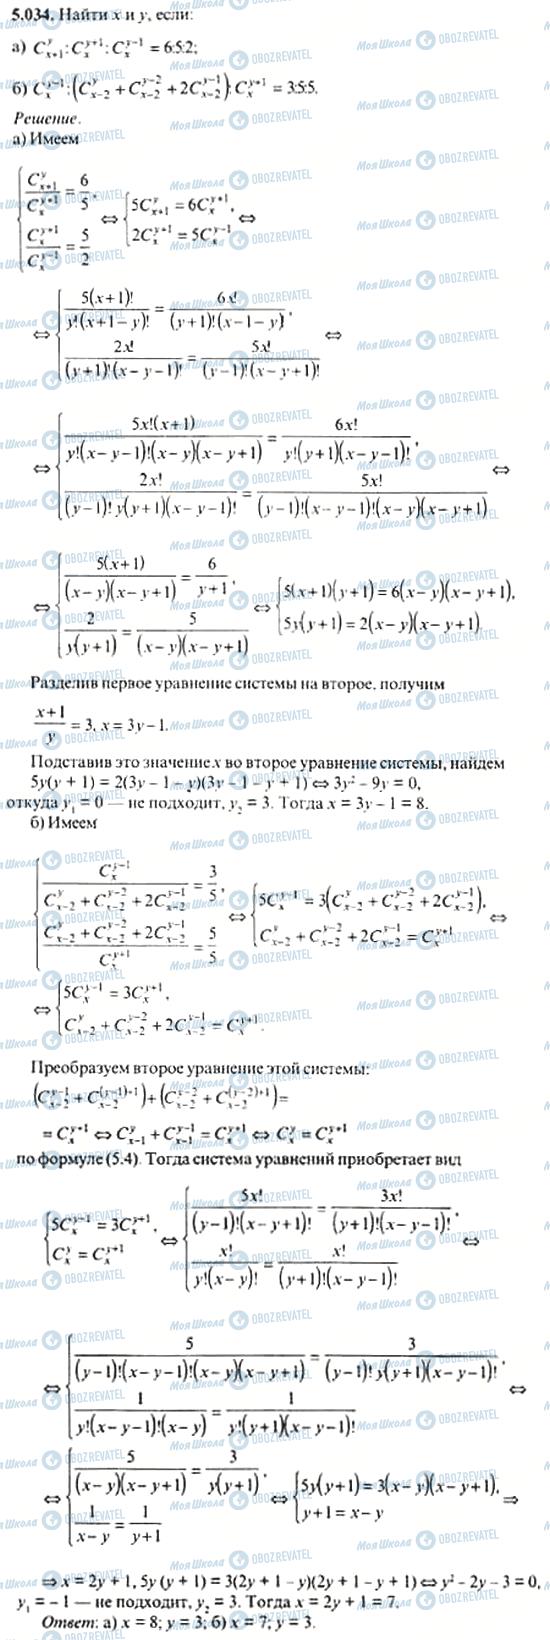 ГДЗ Алгебра 11 класс страница 5.034